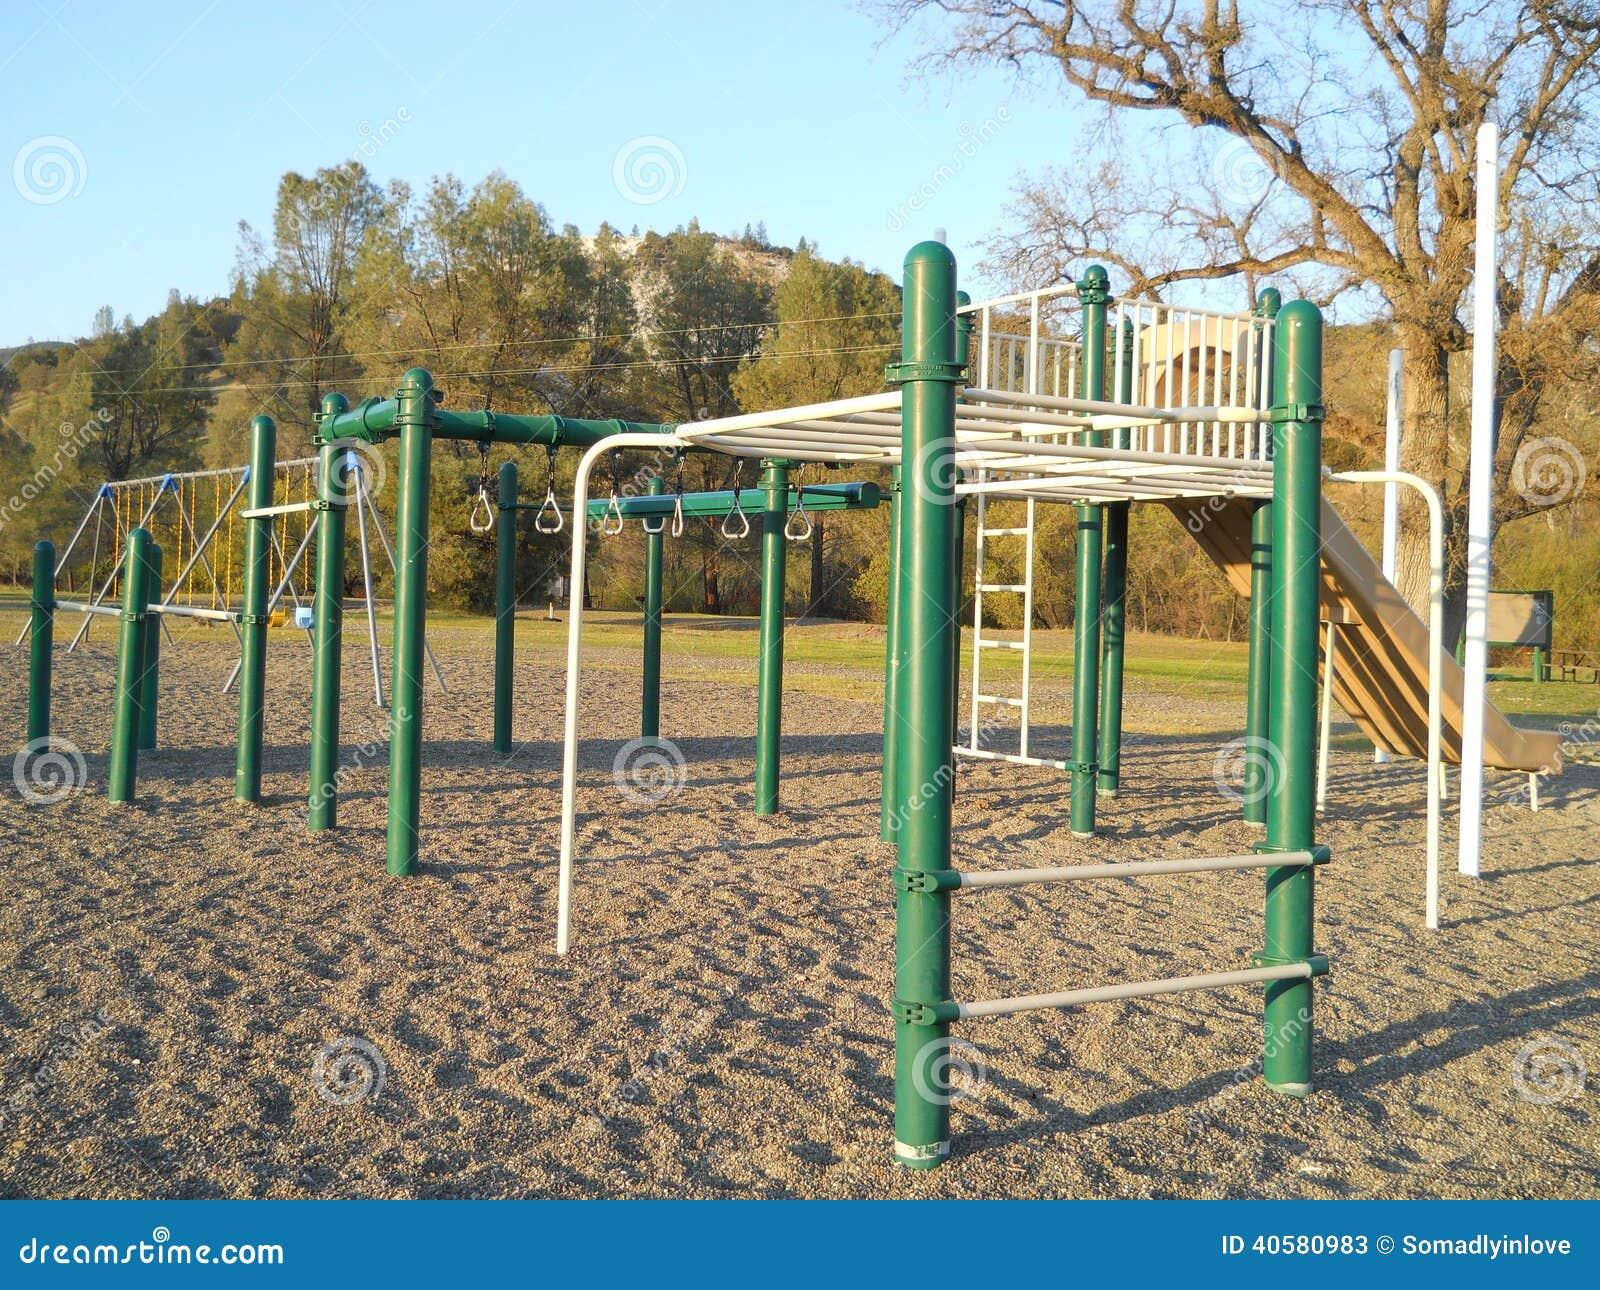 Childrens Playground Equipment Stock Image Image Of